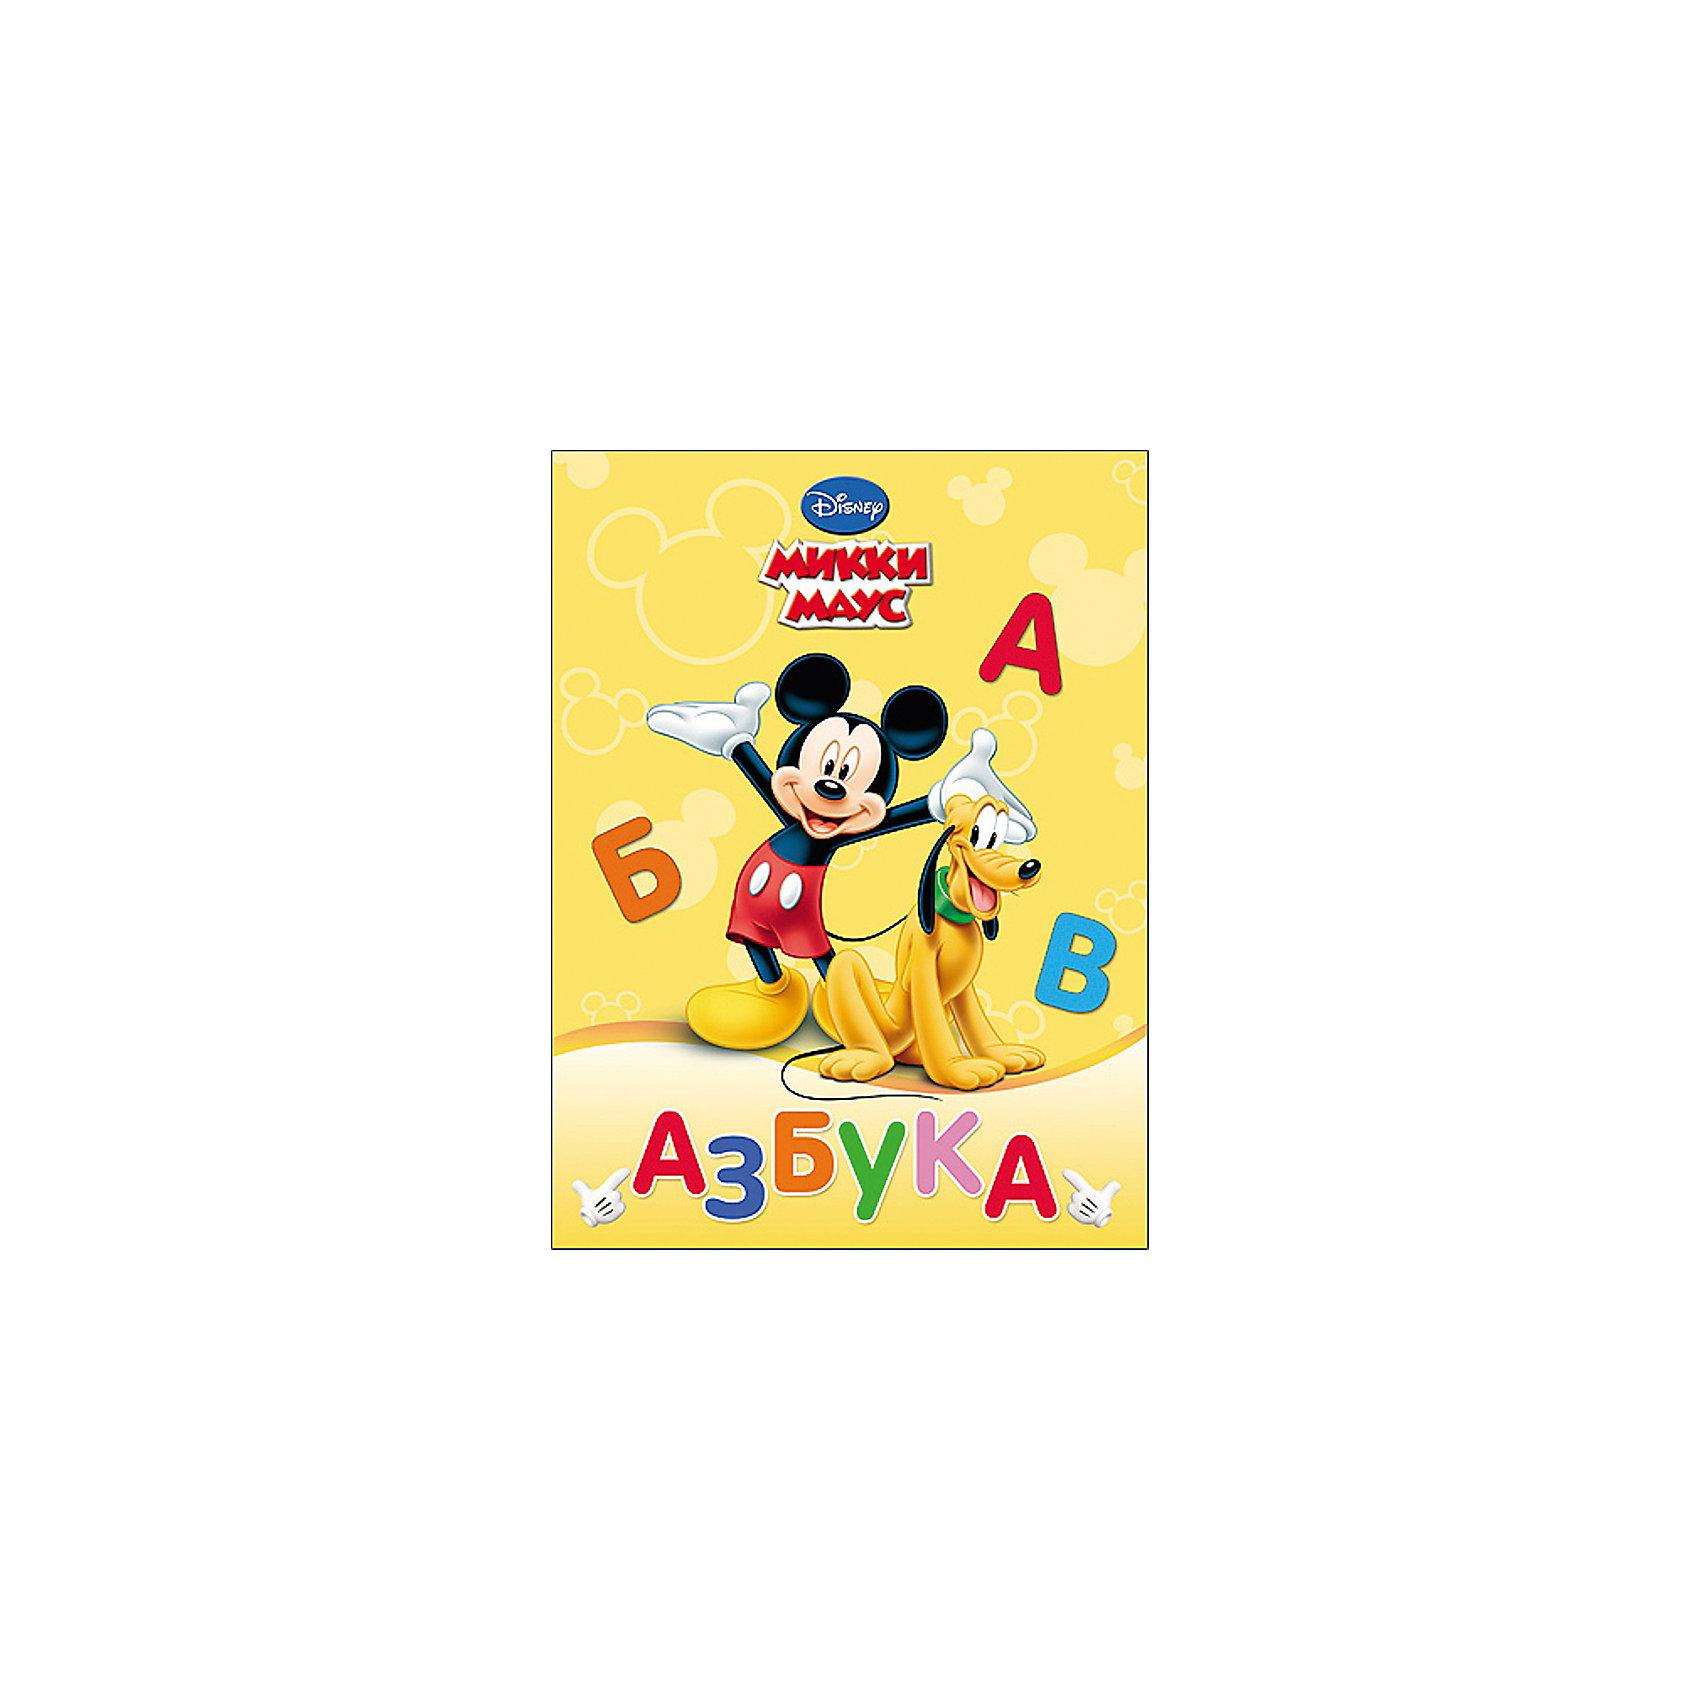 Азбука Микки МаусПришло время освоить алфавит? Азбука Disney (Дисней) станет незаменимым помощником вашему маленькому ученику. А учить буквы с любимыми героями гораздо веселее и интереснее!<br><br>Дополнительная информация:<br><br>Переплет: Картон<br>Страниц: 8<br>Формат: 160х220 мм<br><br>Азбуку Микки Маус можно купить в нашем магазине.<br><br>Ширина мм: 160<br>Глубина мм: 5<br>Высота мм: 220<br>Вес г: 140<br>Возраст от месяцев: 36<br>Возраст до месяцев: 72<br>Пол: Унисекс<br>Возраст: Детский<br>SKU: 4612591